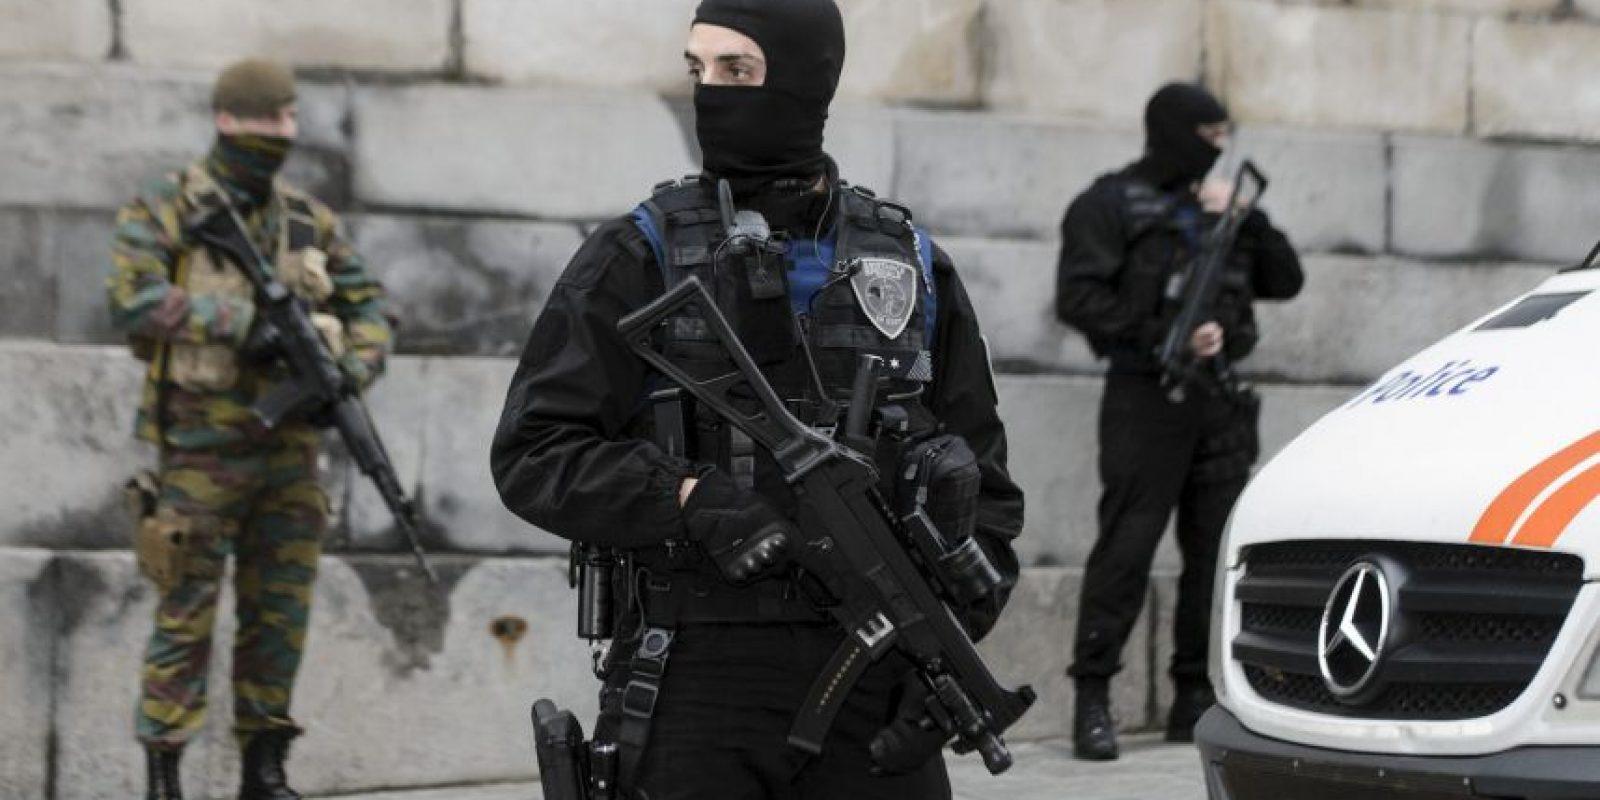 El motivo principal es Salah Abdeslam uno de los sospechosos de participar en los atentados de la semana pasada. Foto:AFP